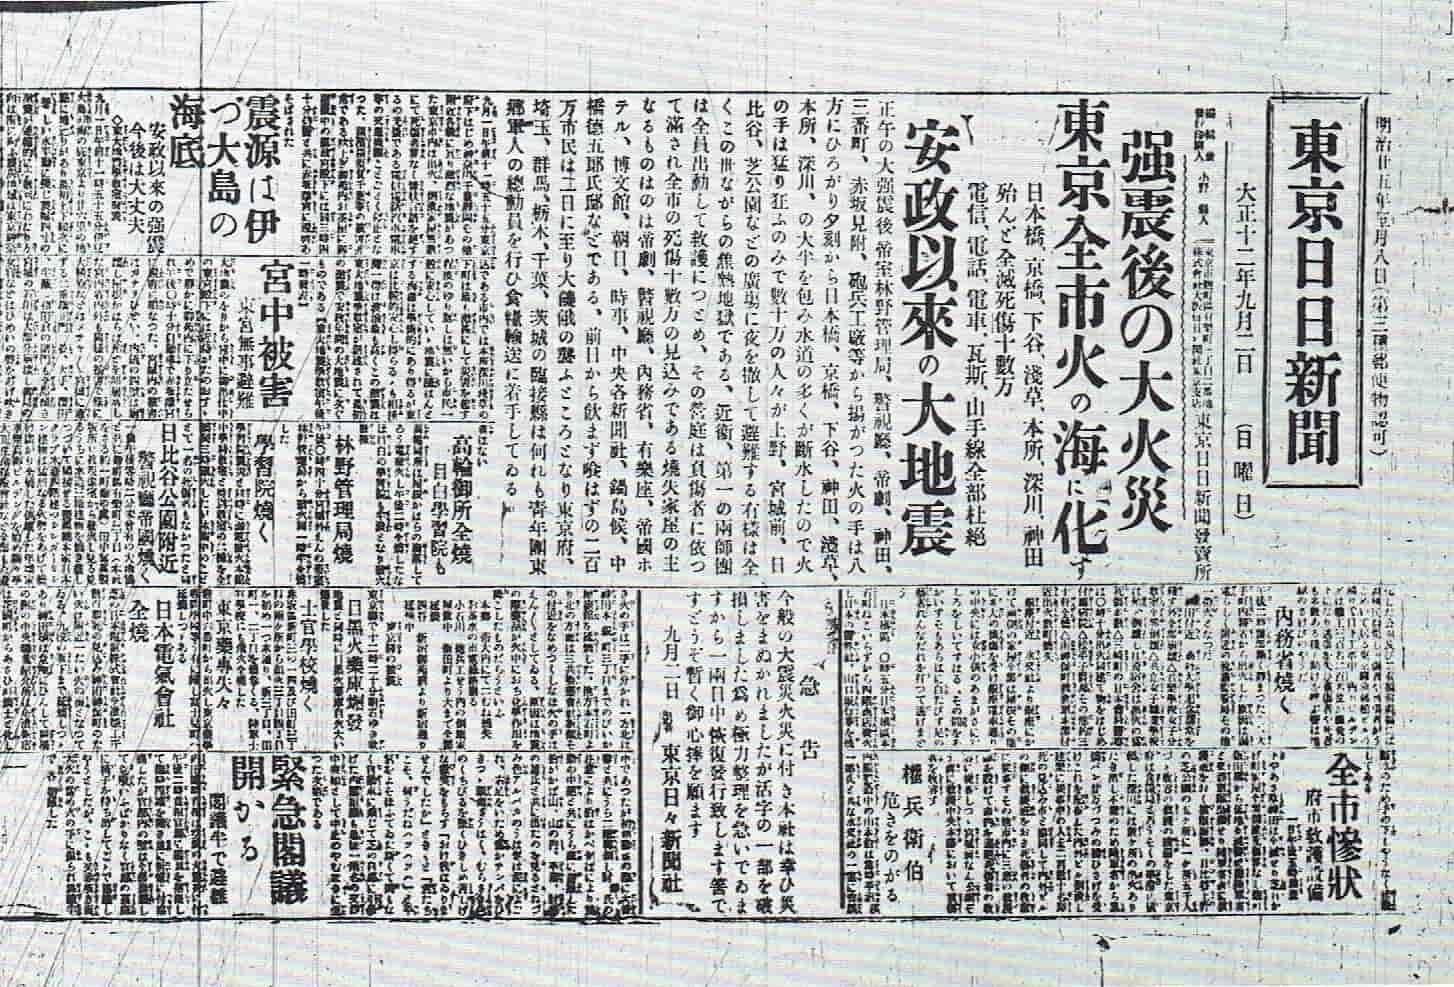 東京日日新聞とは毎日新聞の東日本地区の旧題号とのことです。